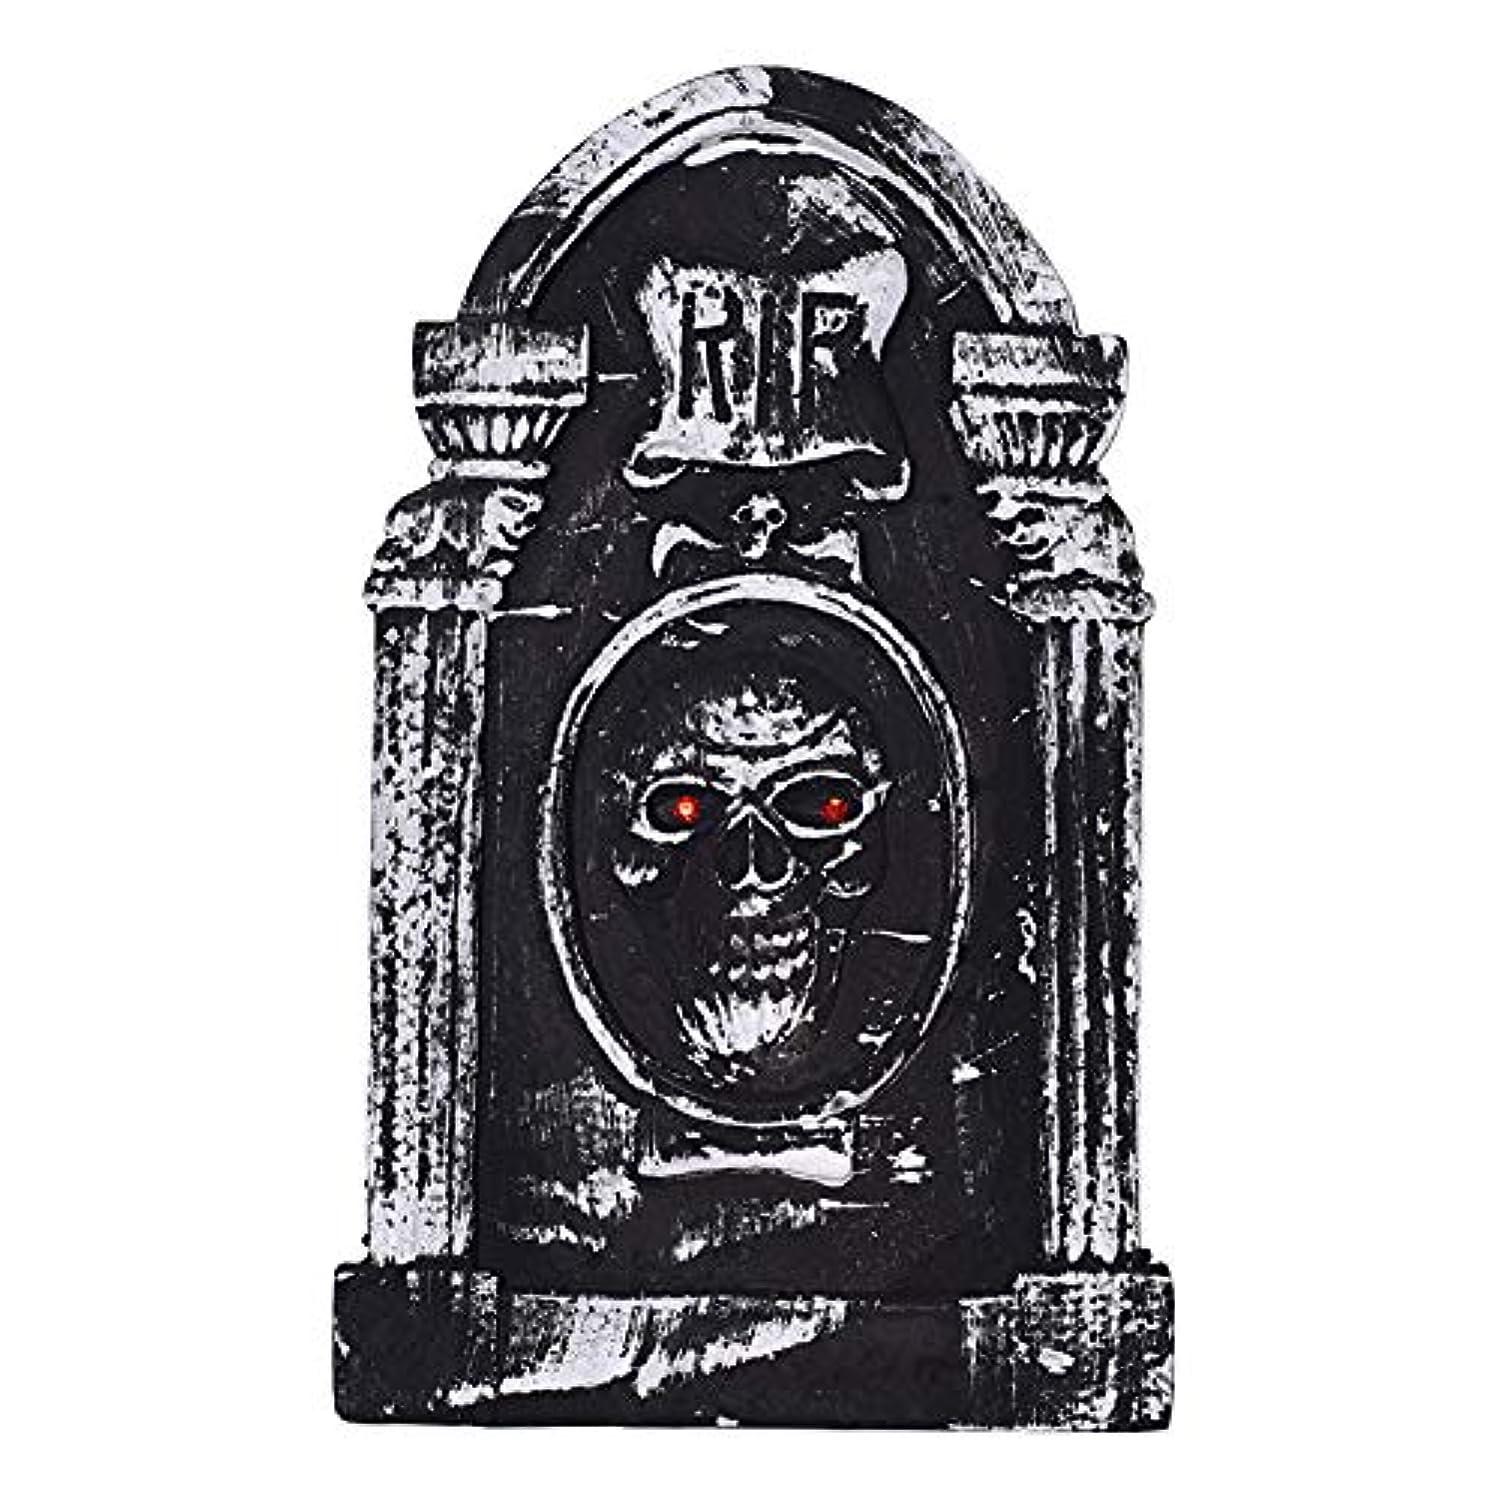 勃起変更矢ETRRUU HOME ハロウィーンステレオトゥームストーンバーお化け屋敷タトゥーショップシークレットルームシミュレーション恐怖悪装飾的な小道具